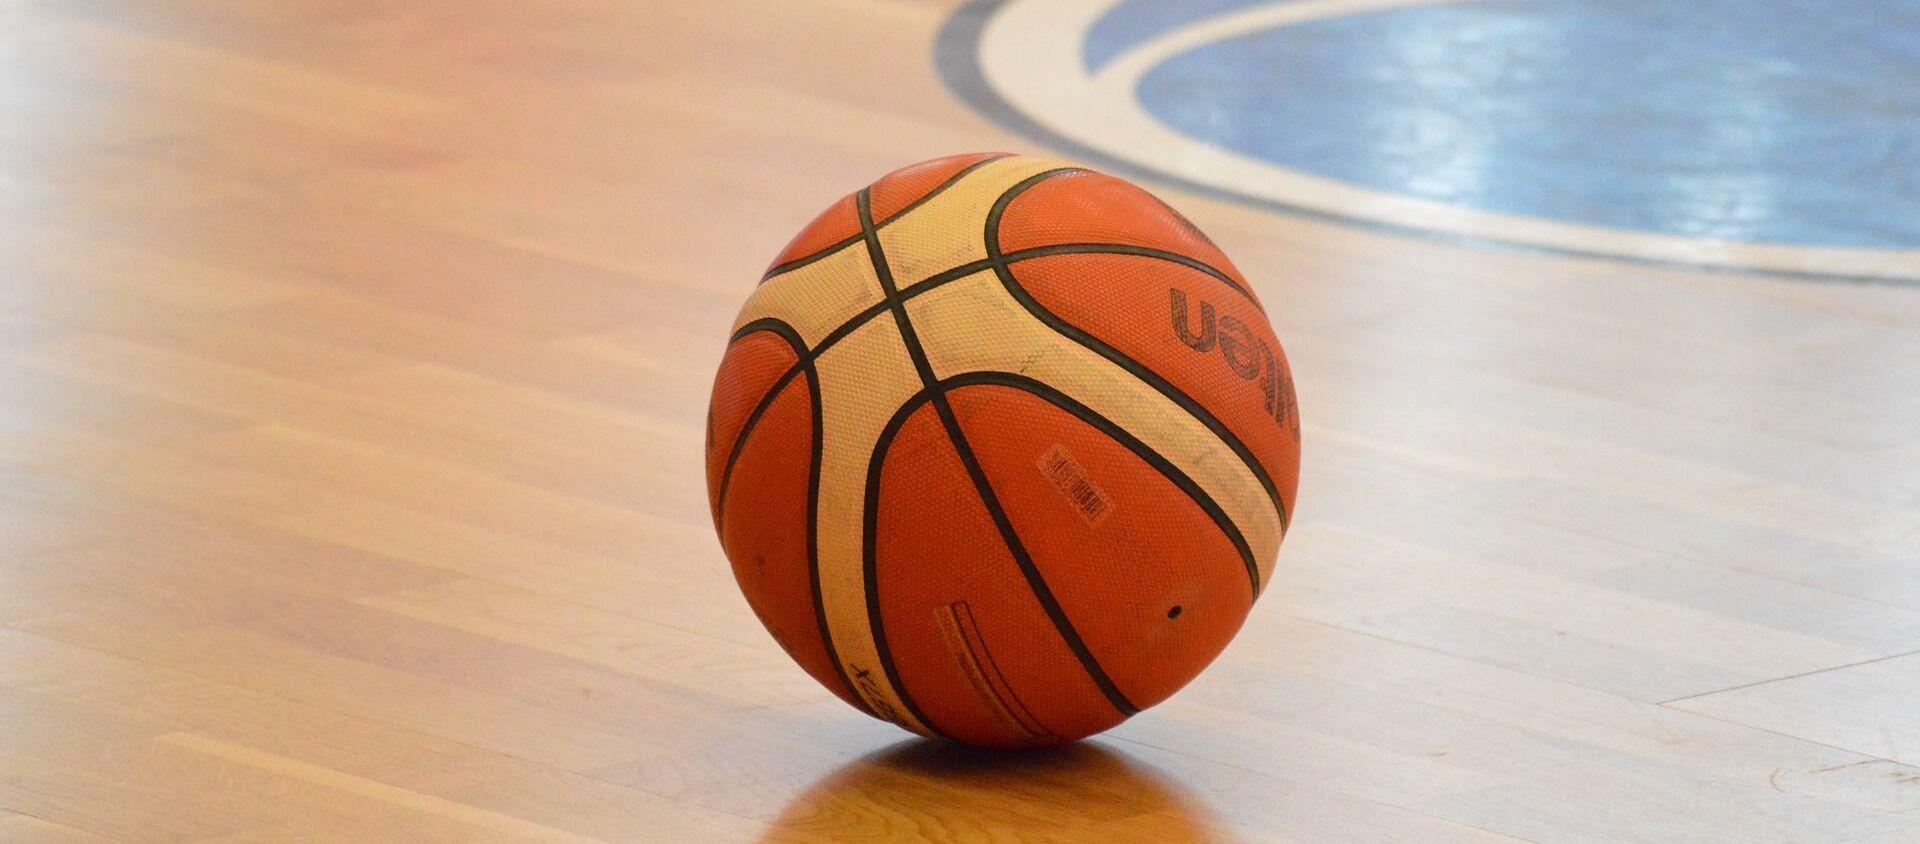 Баскетбол  - Sputnik Абхазия, 1920, 24.05.2021